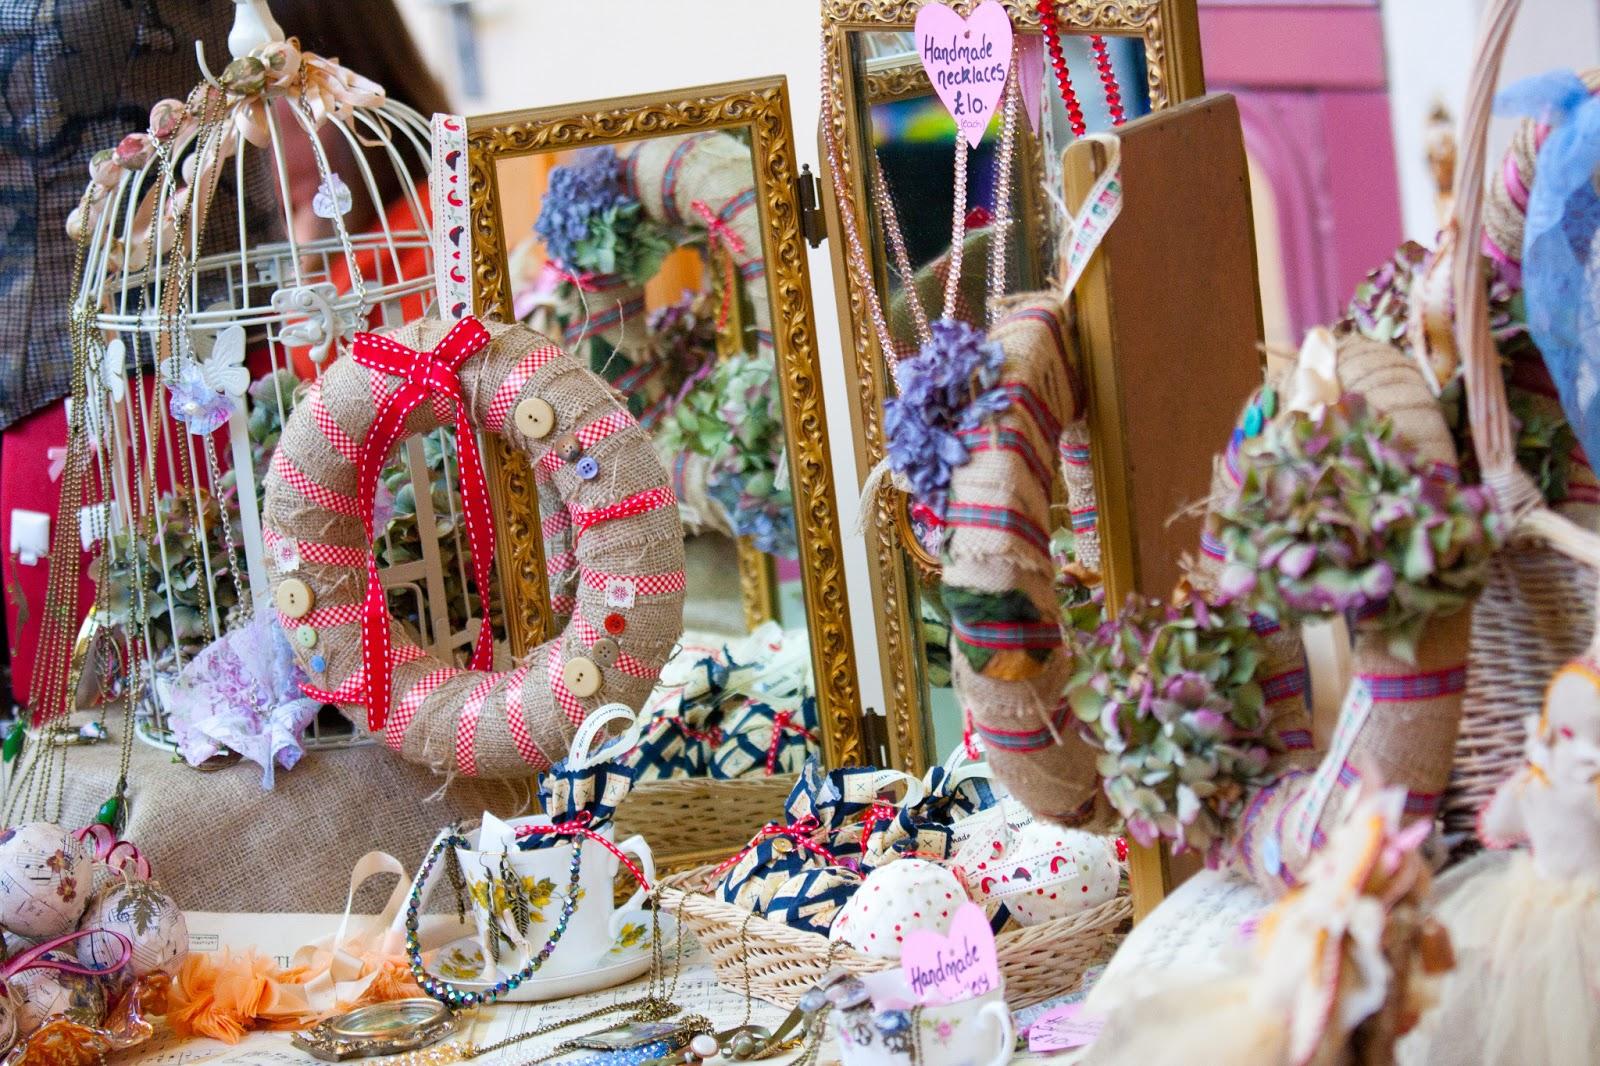 crafty vintage u003d vintage and handmade craft fairs